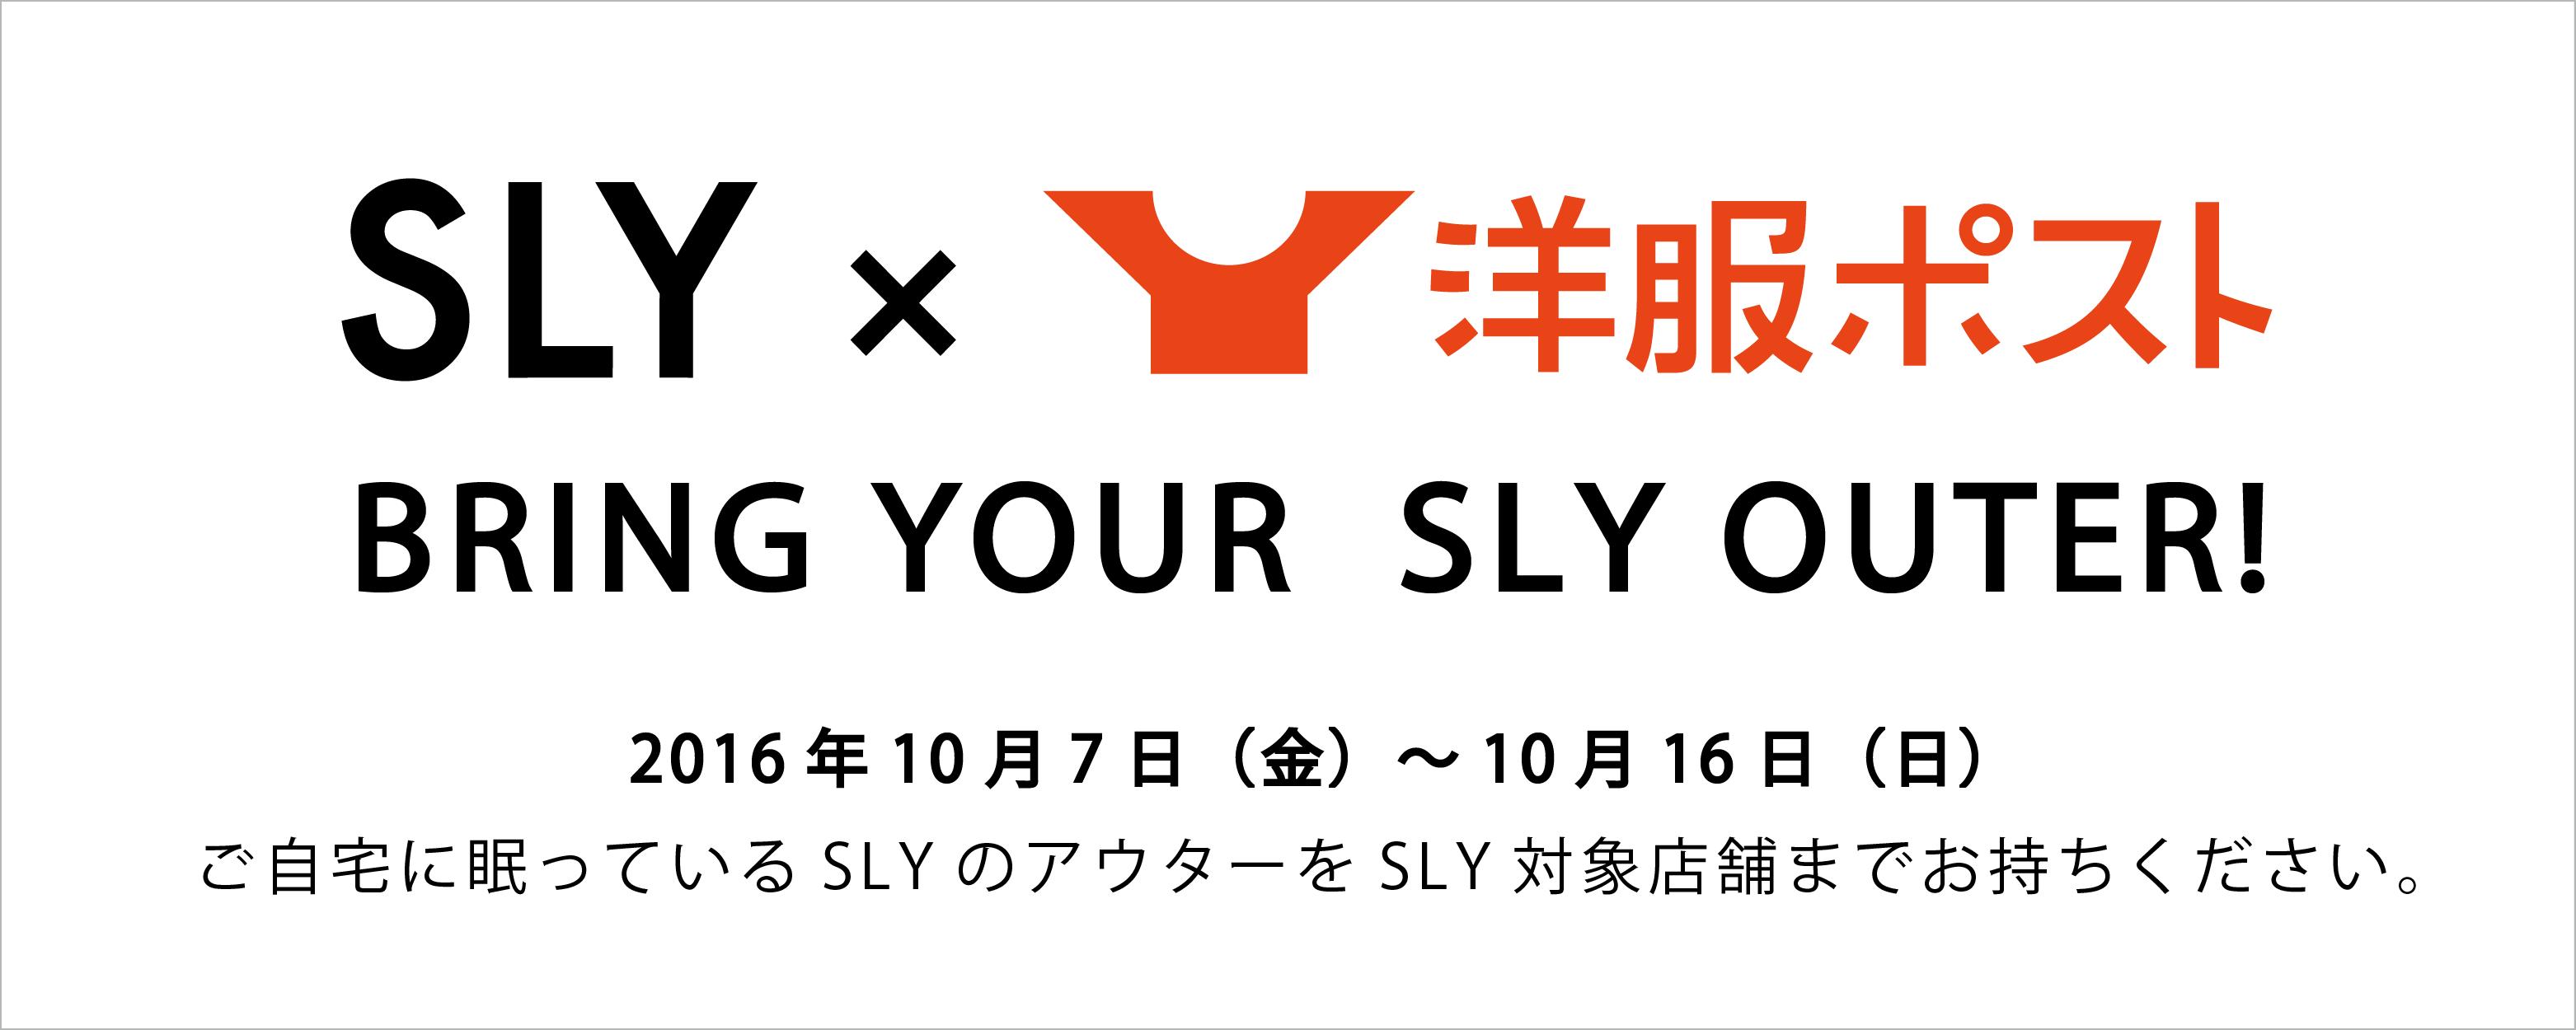 SLY×洋服ポストキャンペーン